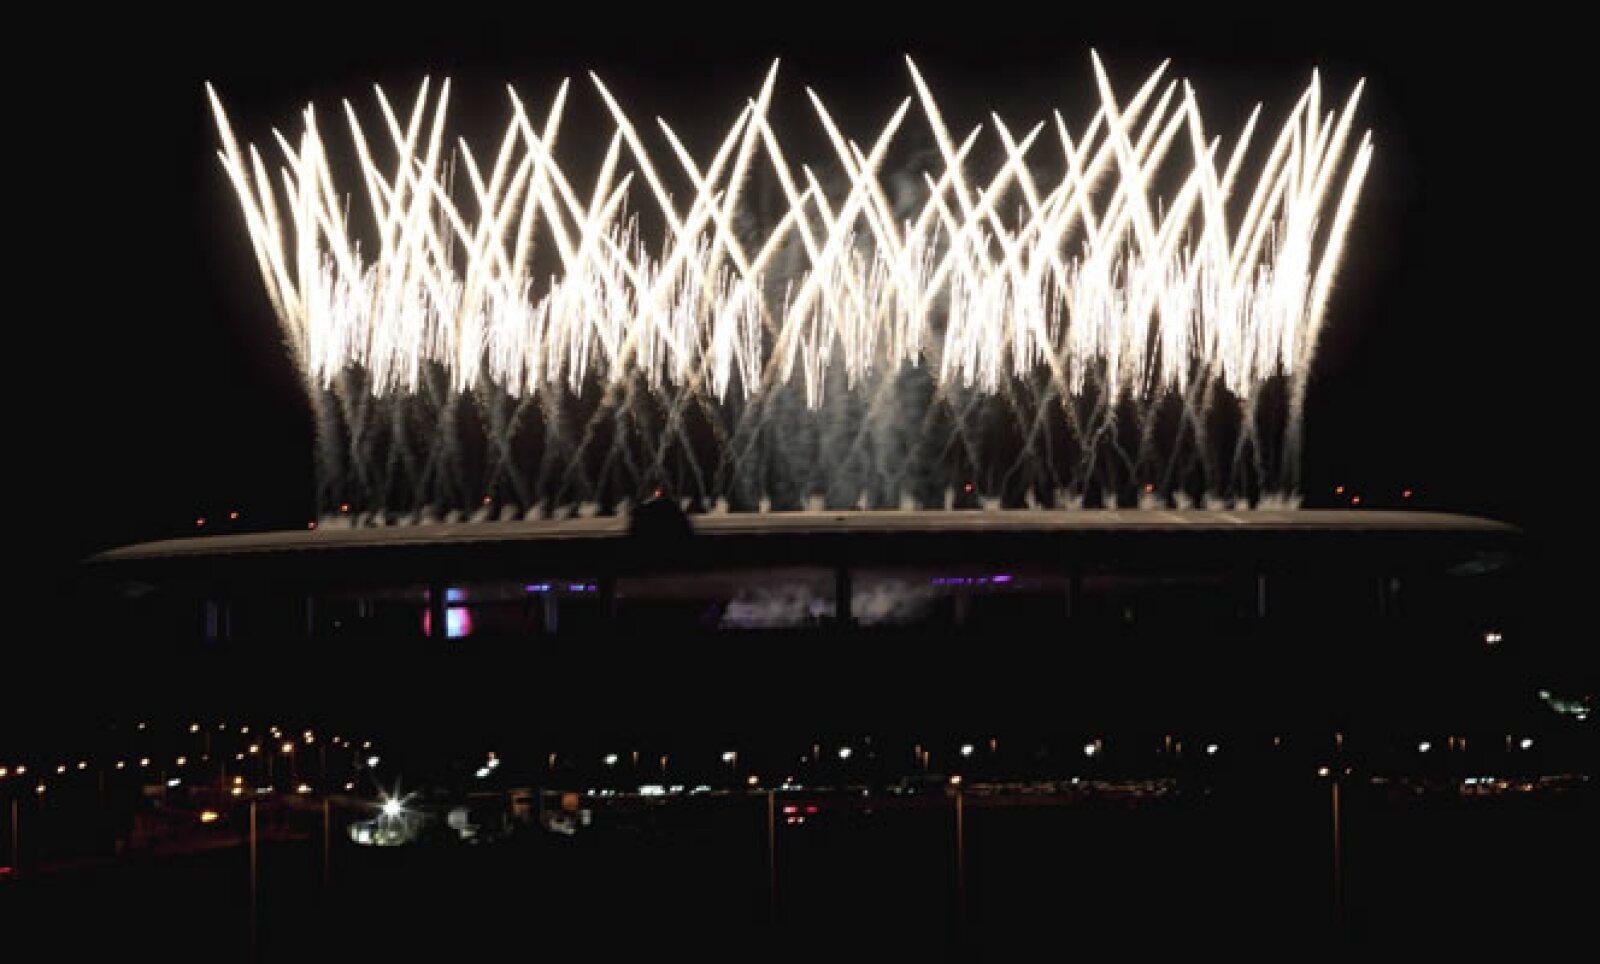 Los organizadores prometieron la ceremonia más grande que se haya visto en América Latina. La fiesta, en la que participaron más de 3,000 personas, no defraudó.